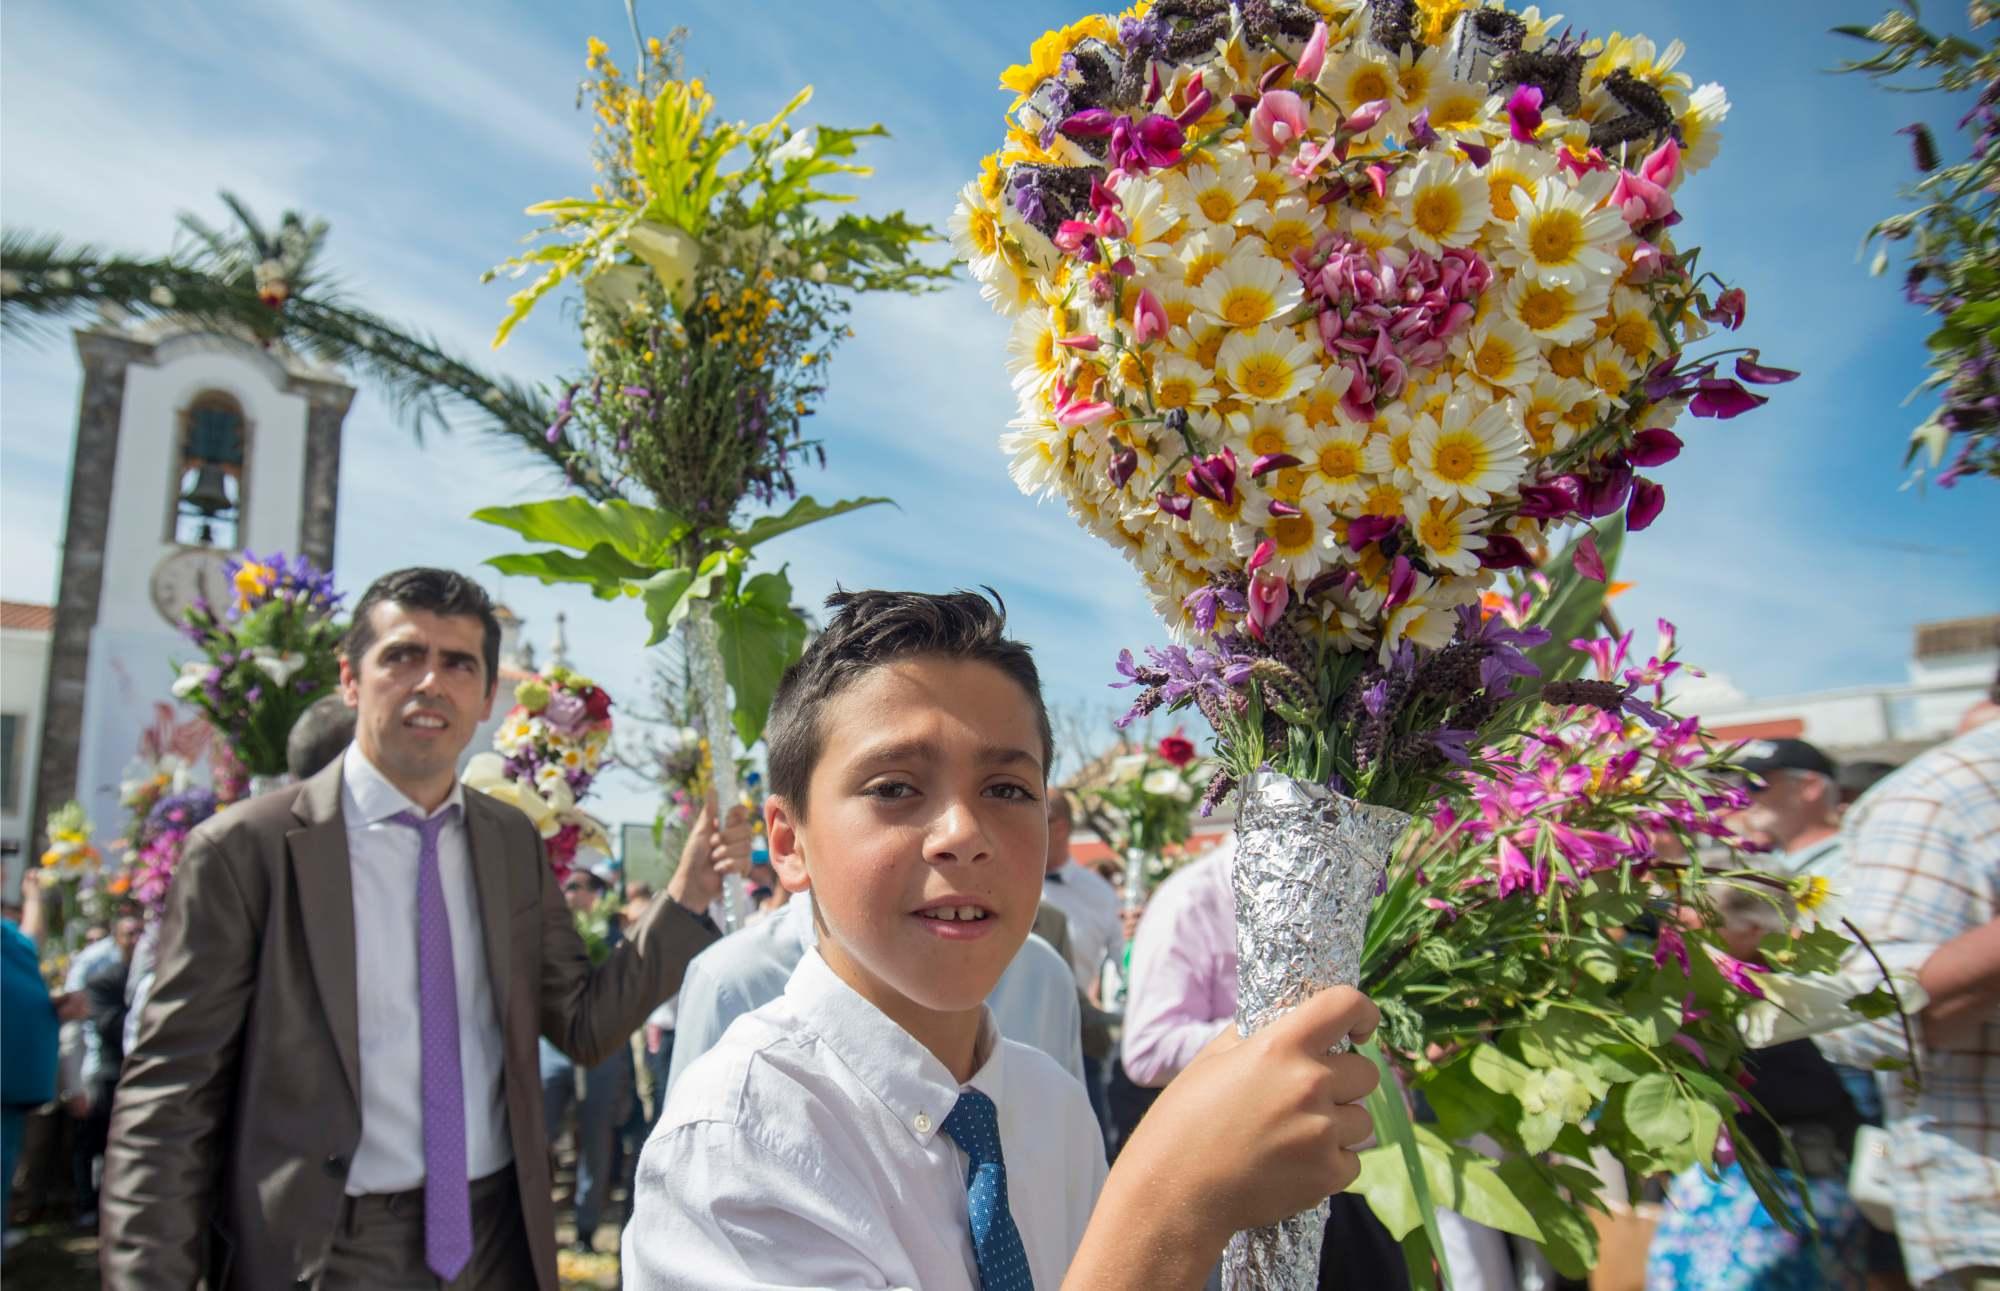 Wielkanoc w plenerze: gdzie świętować?